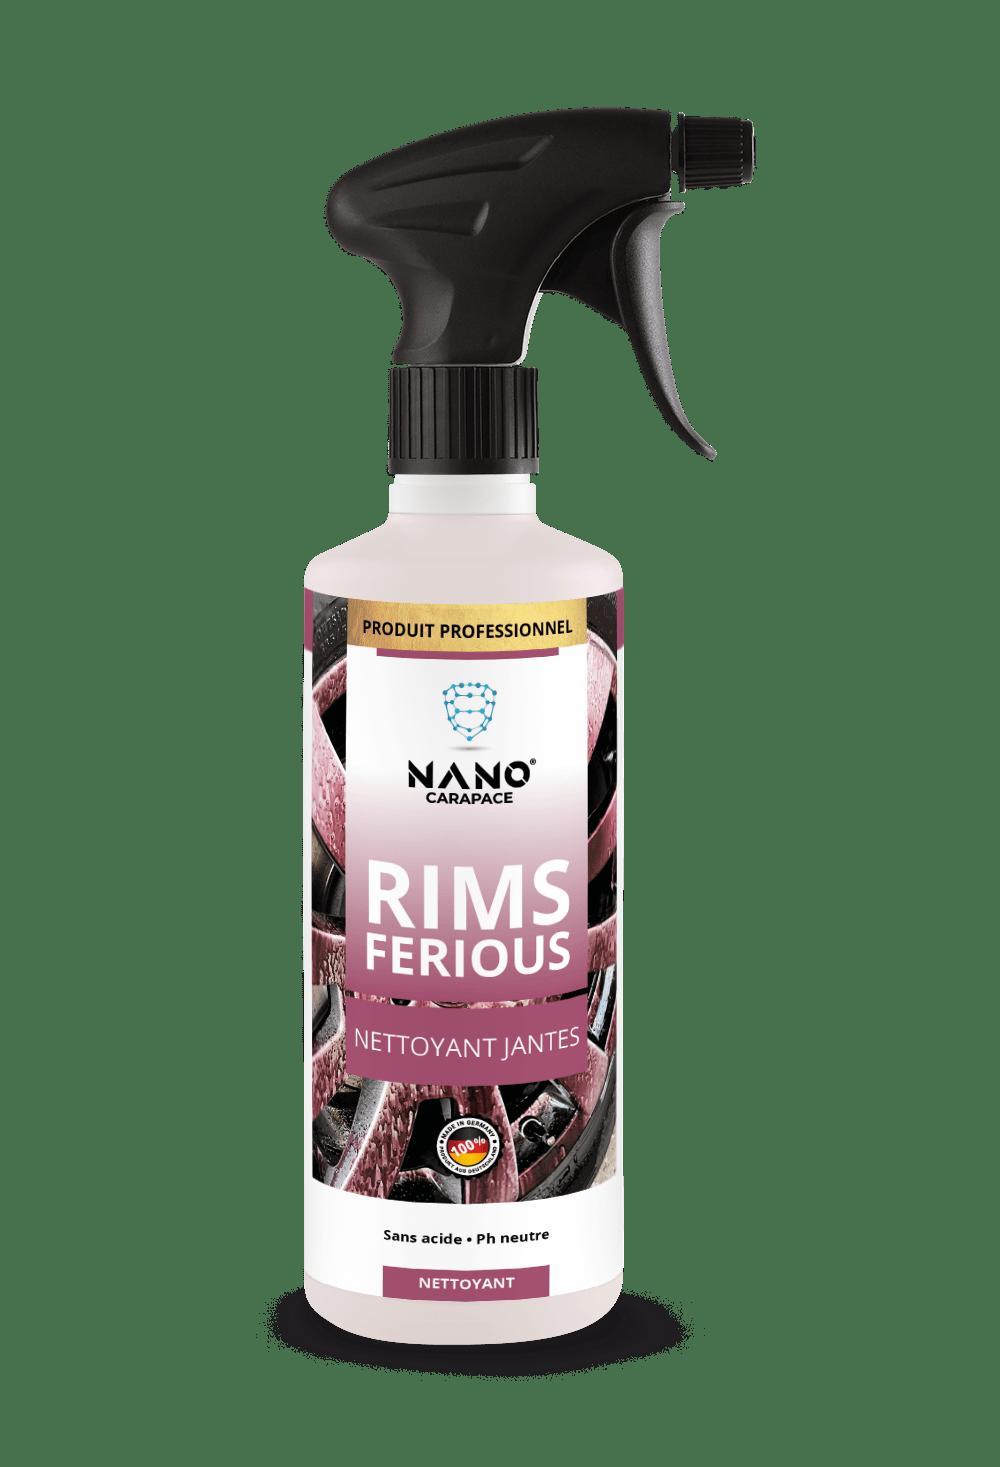 Décontaminant Ferreux Jantes - Rims Ferious